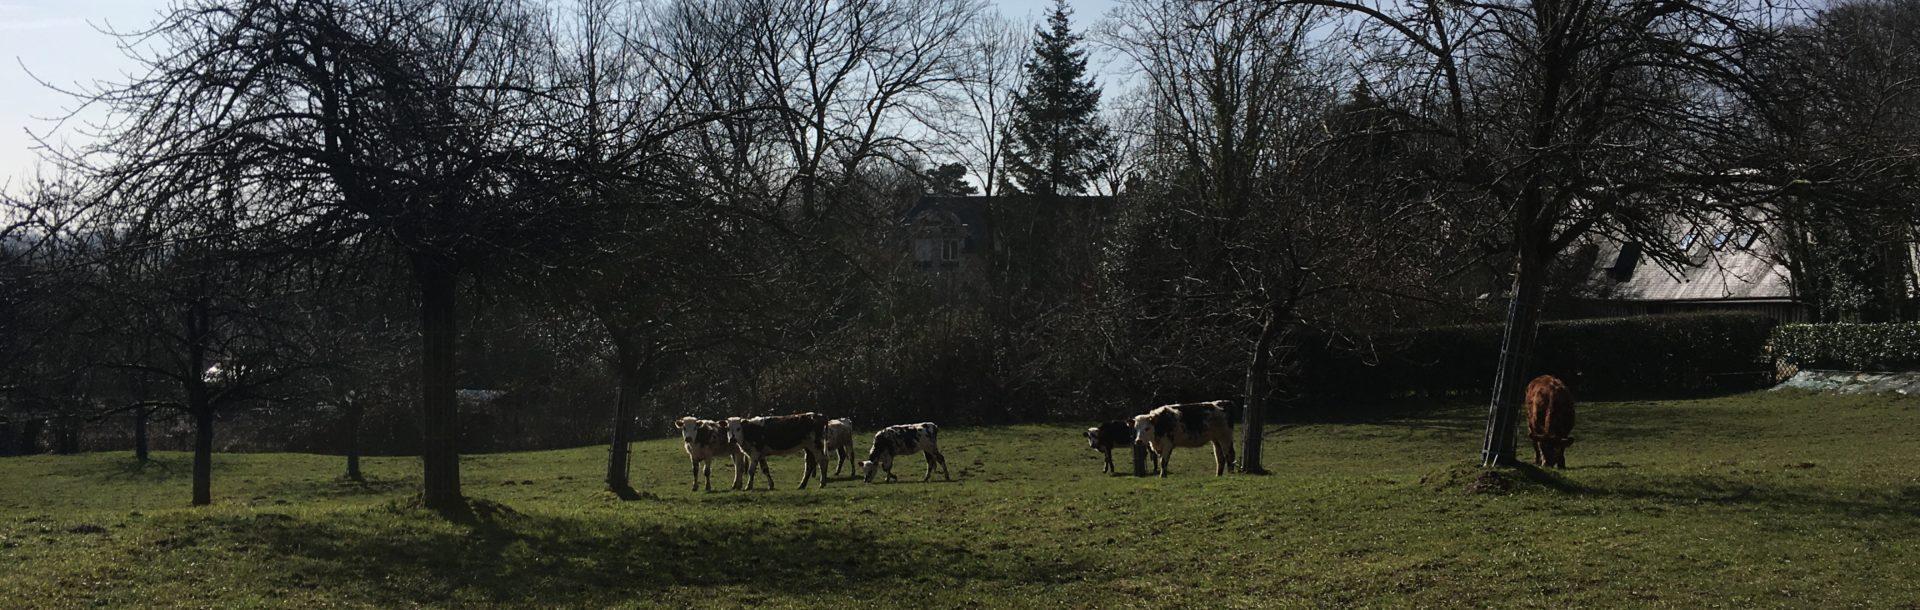 L'autonomie alimentaire en élevage : le choix d'un système pâturant et performant alliant qualité de vie et qualité des produits – 76